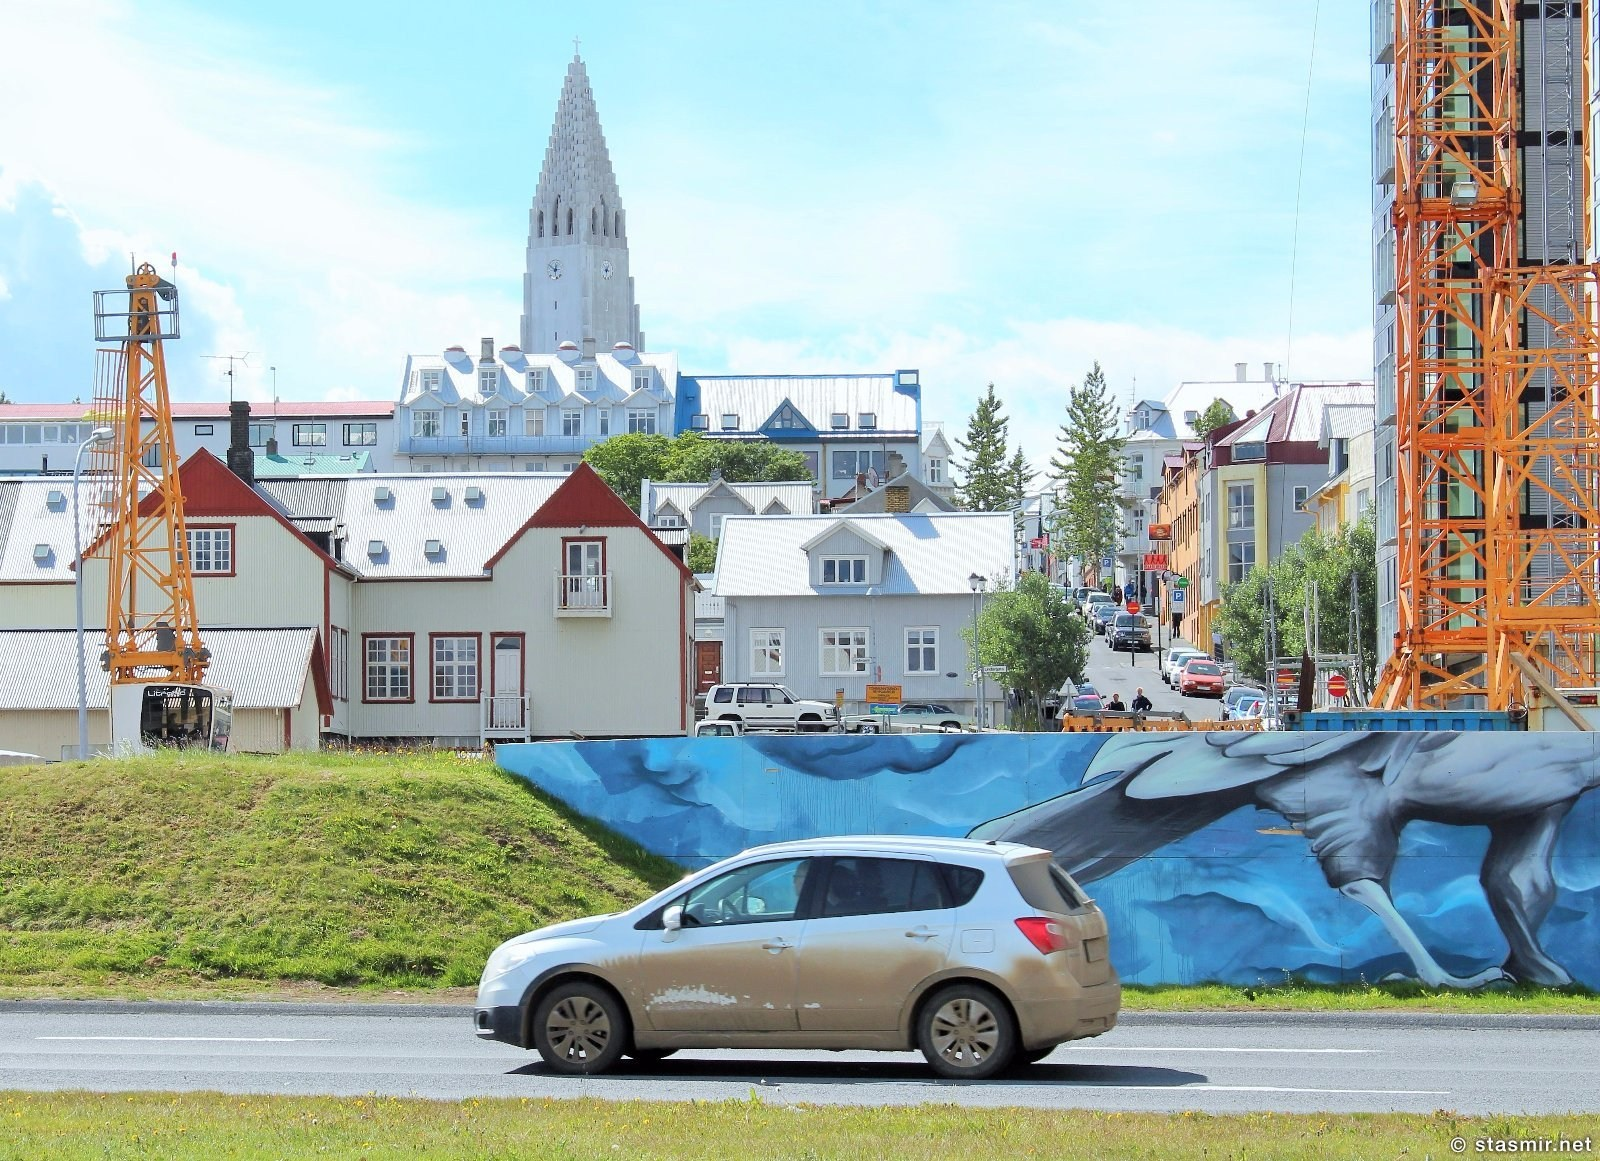 Хатльгримскирха и вид летнего Рейкьявика, фото Стасмир, Photo Stasmir